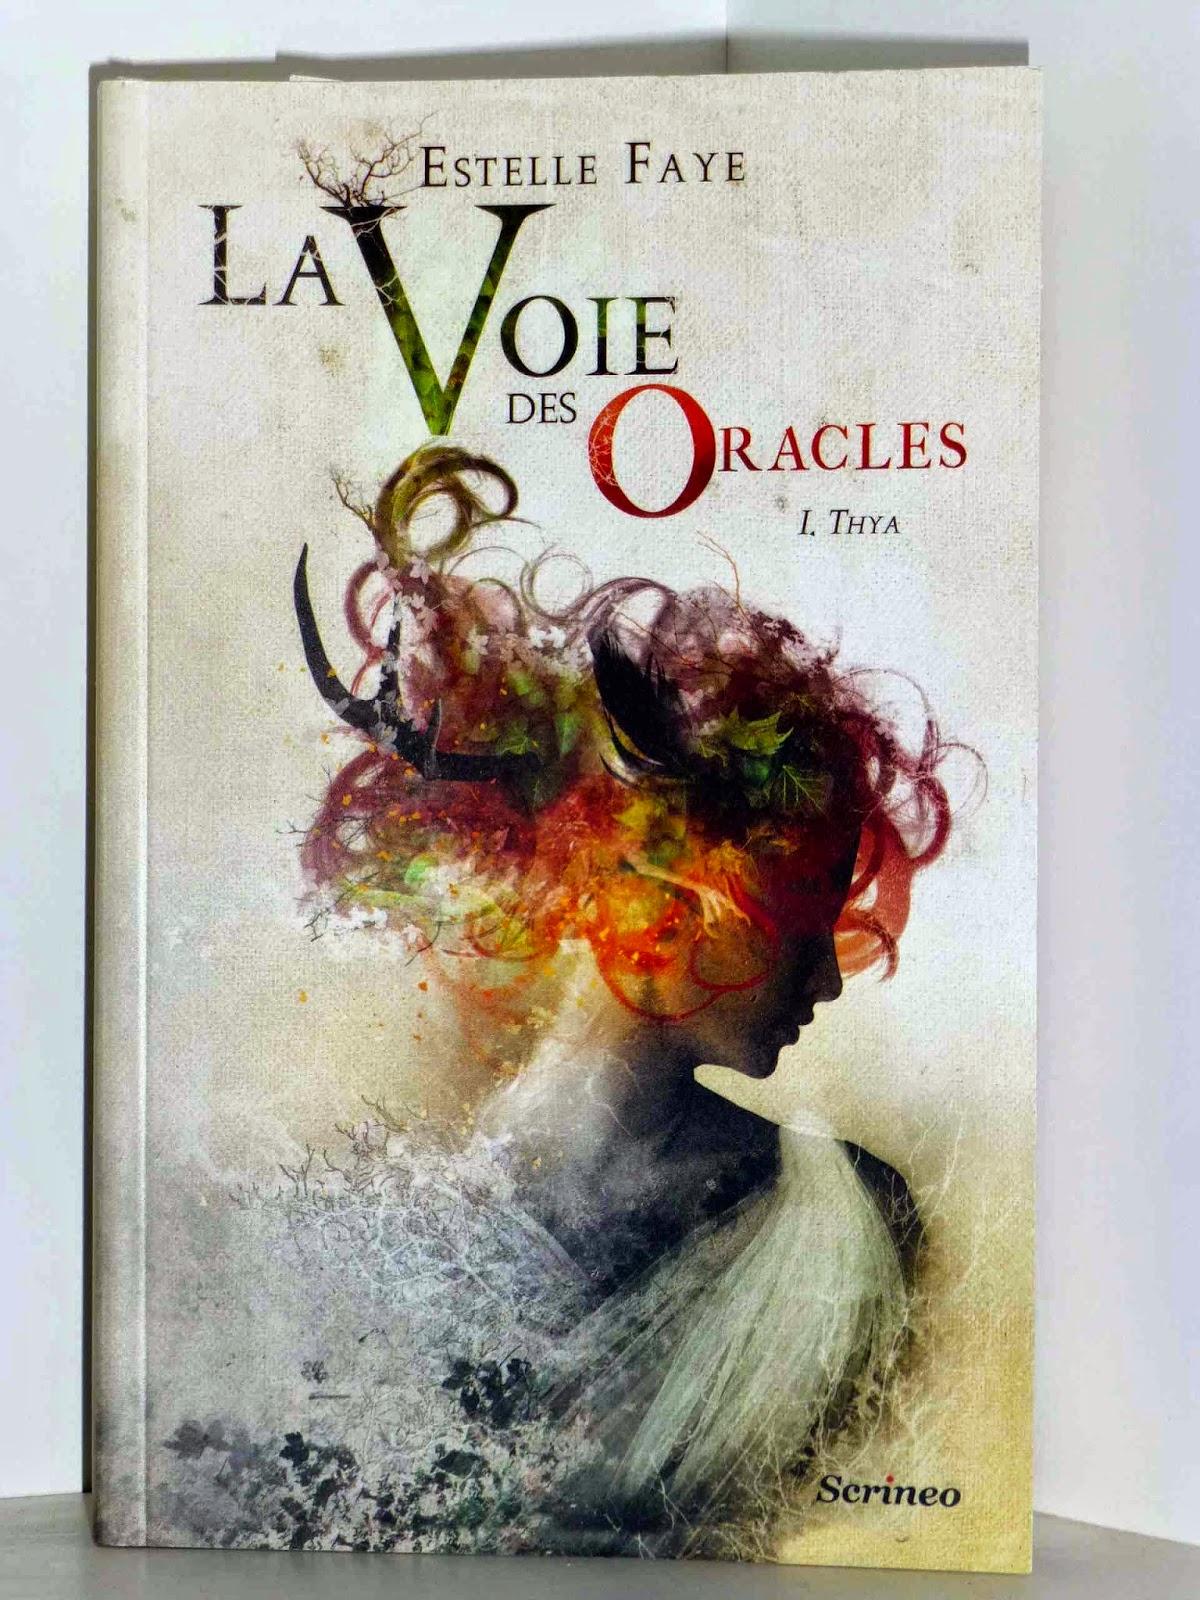 La voie des Oracles Estelle Faye